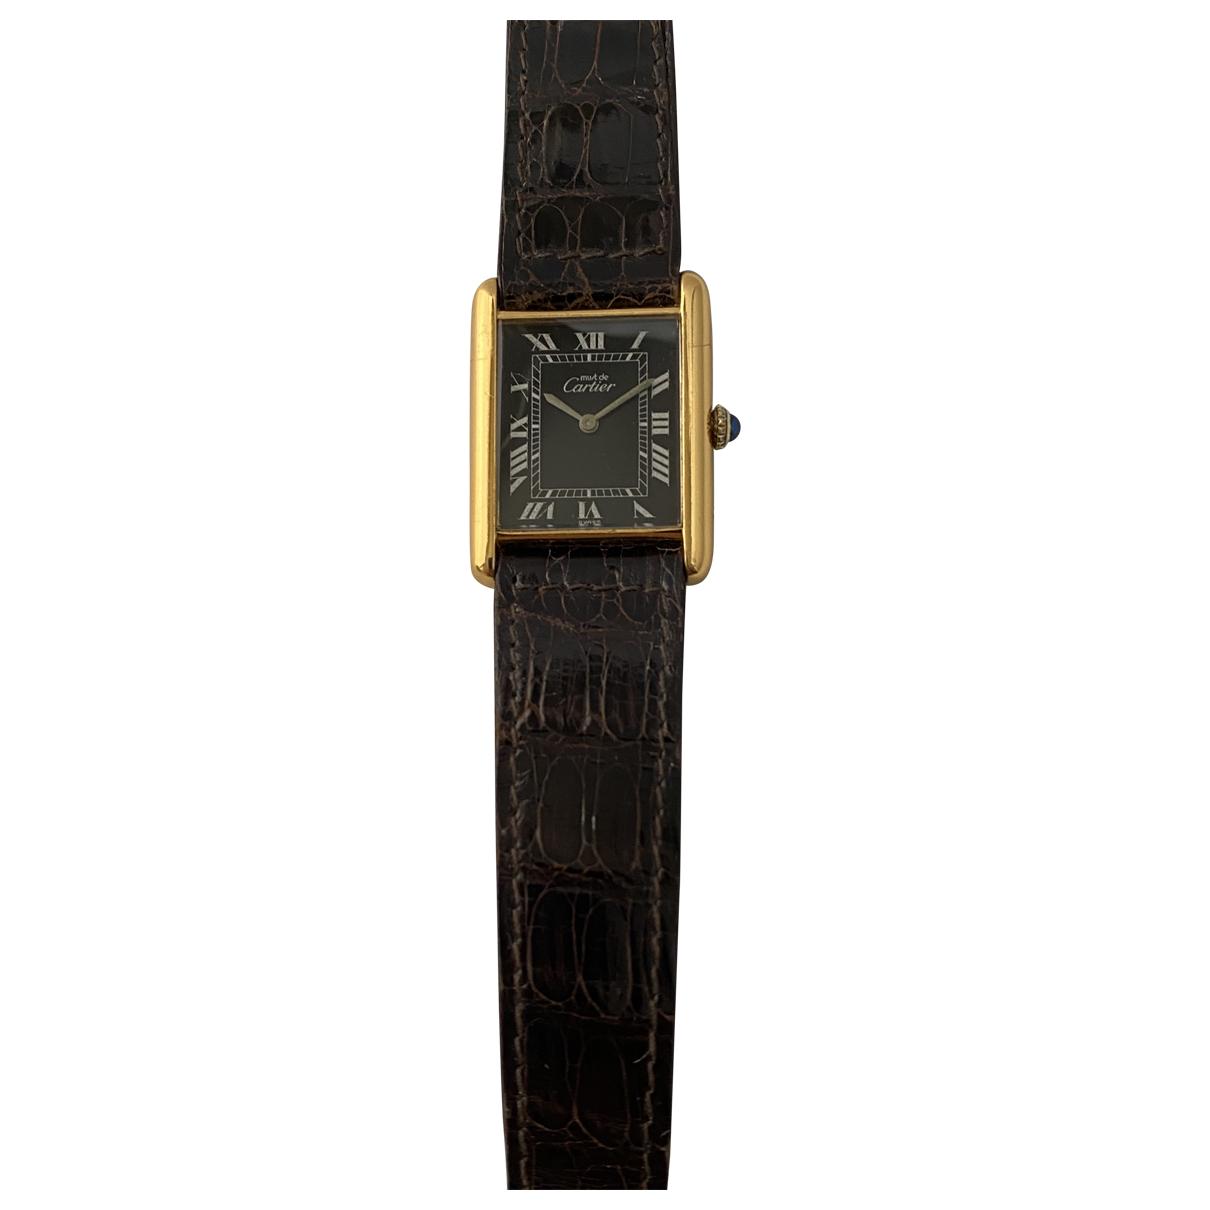 Relojes Tank Must de Bermellon Cartier